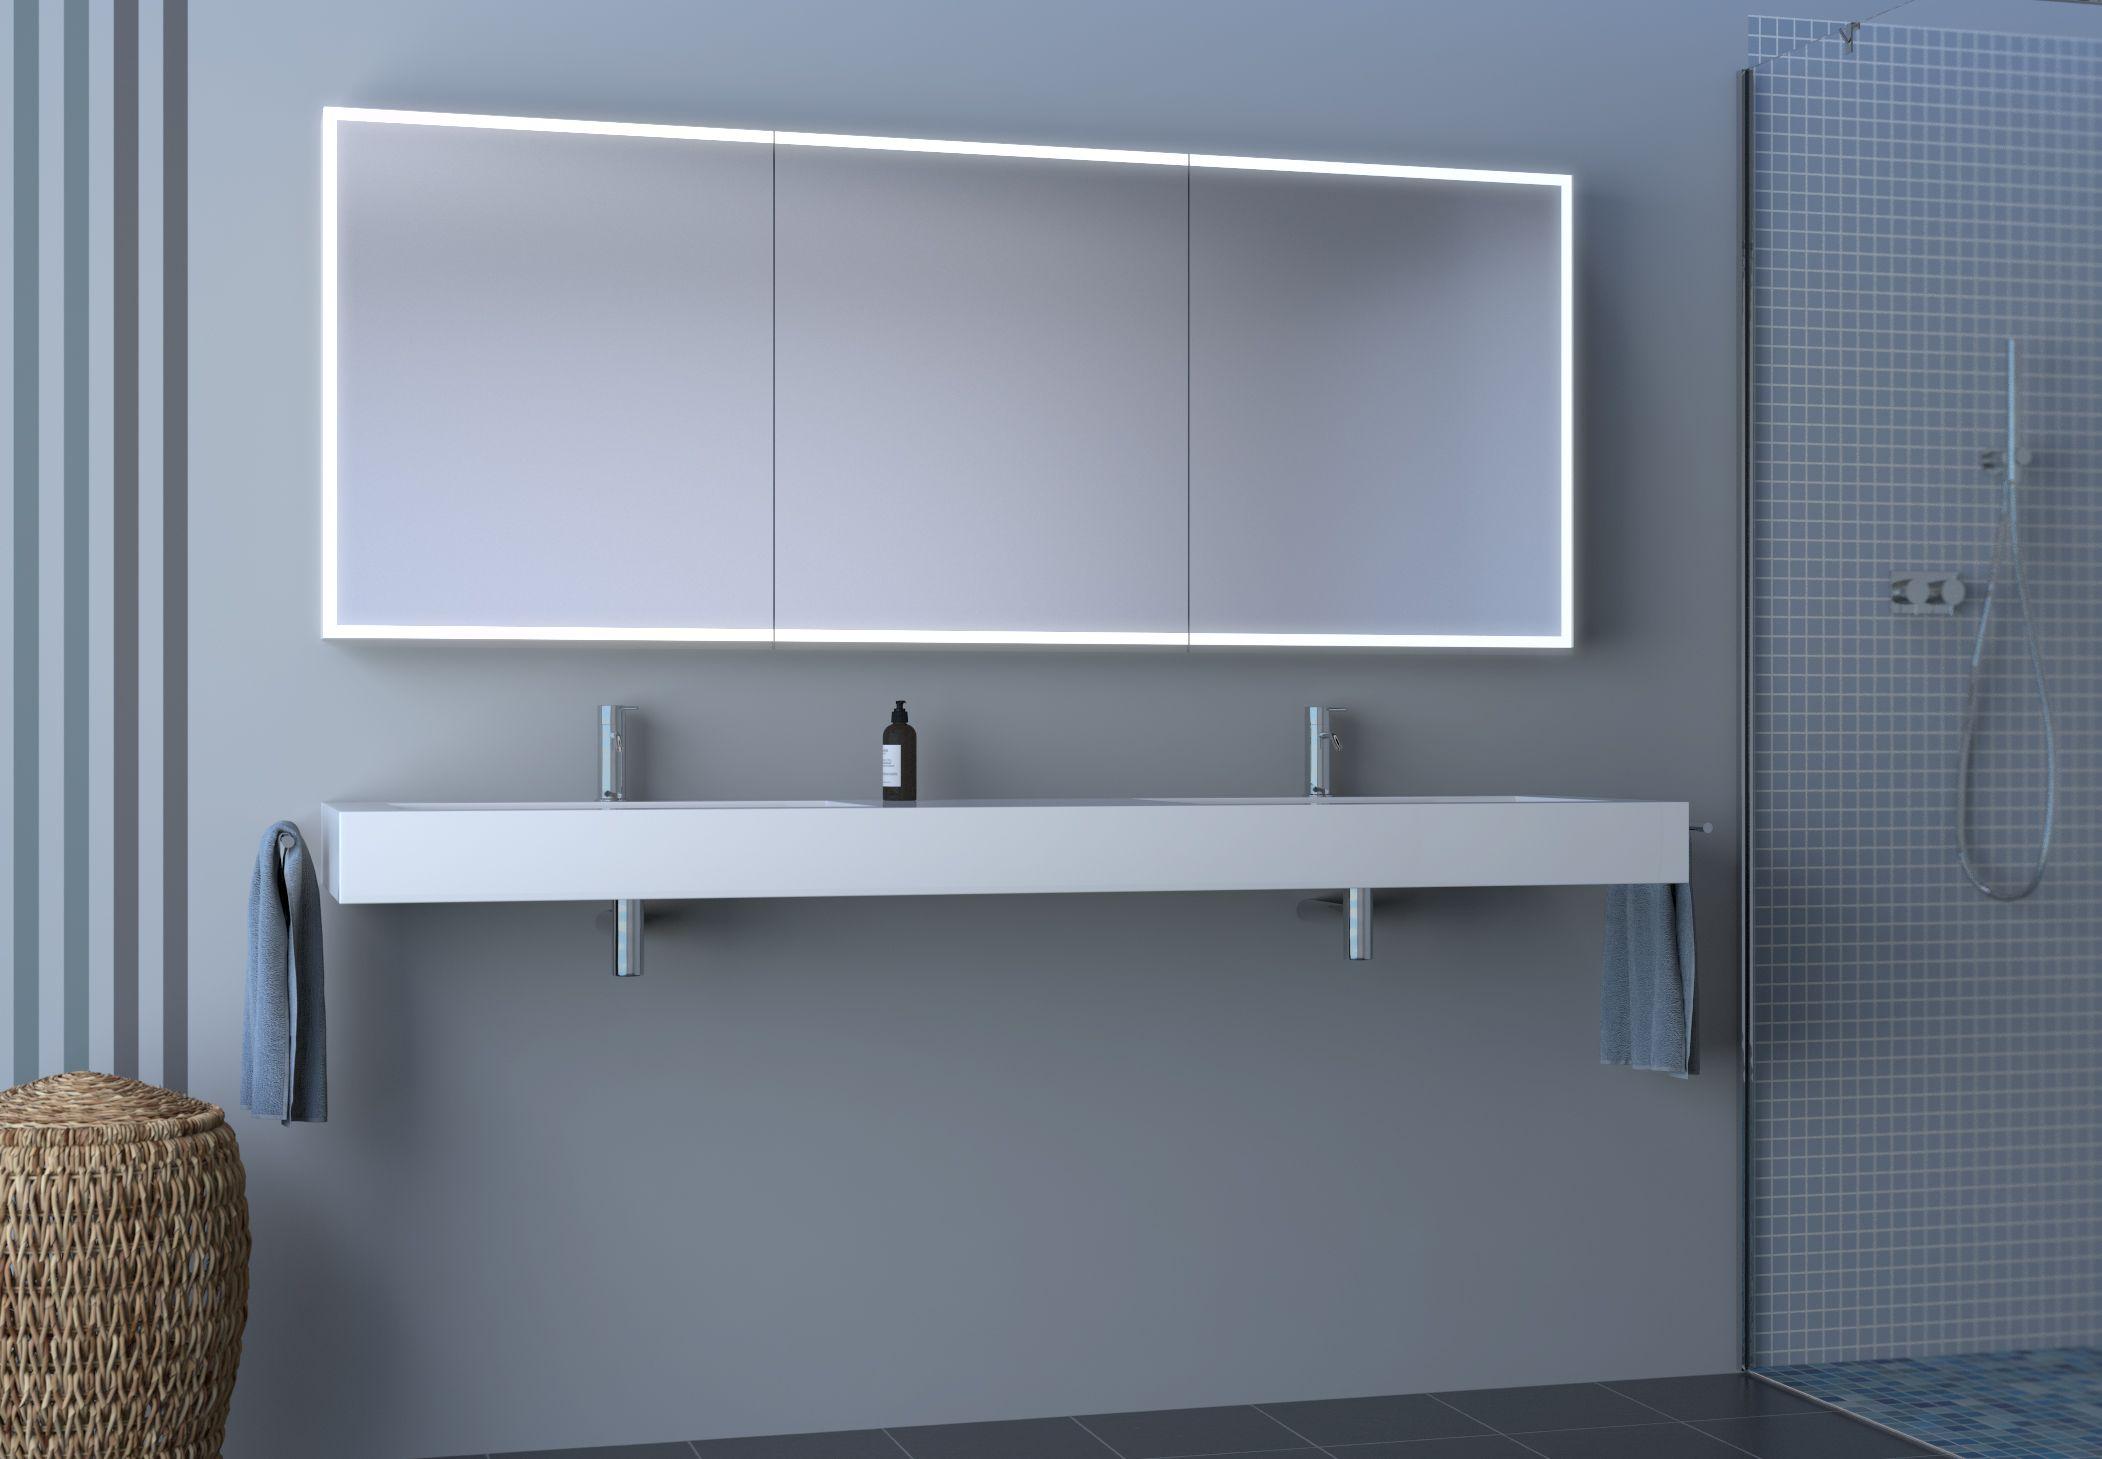 Mehr Gestaltungsfreiheit – Keller Spiegelschränke AG | Badezimmerspiegelschrän…